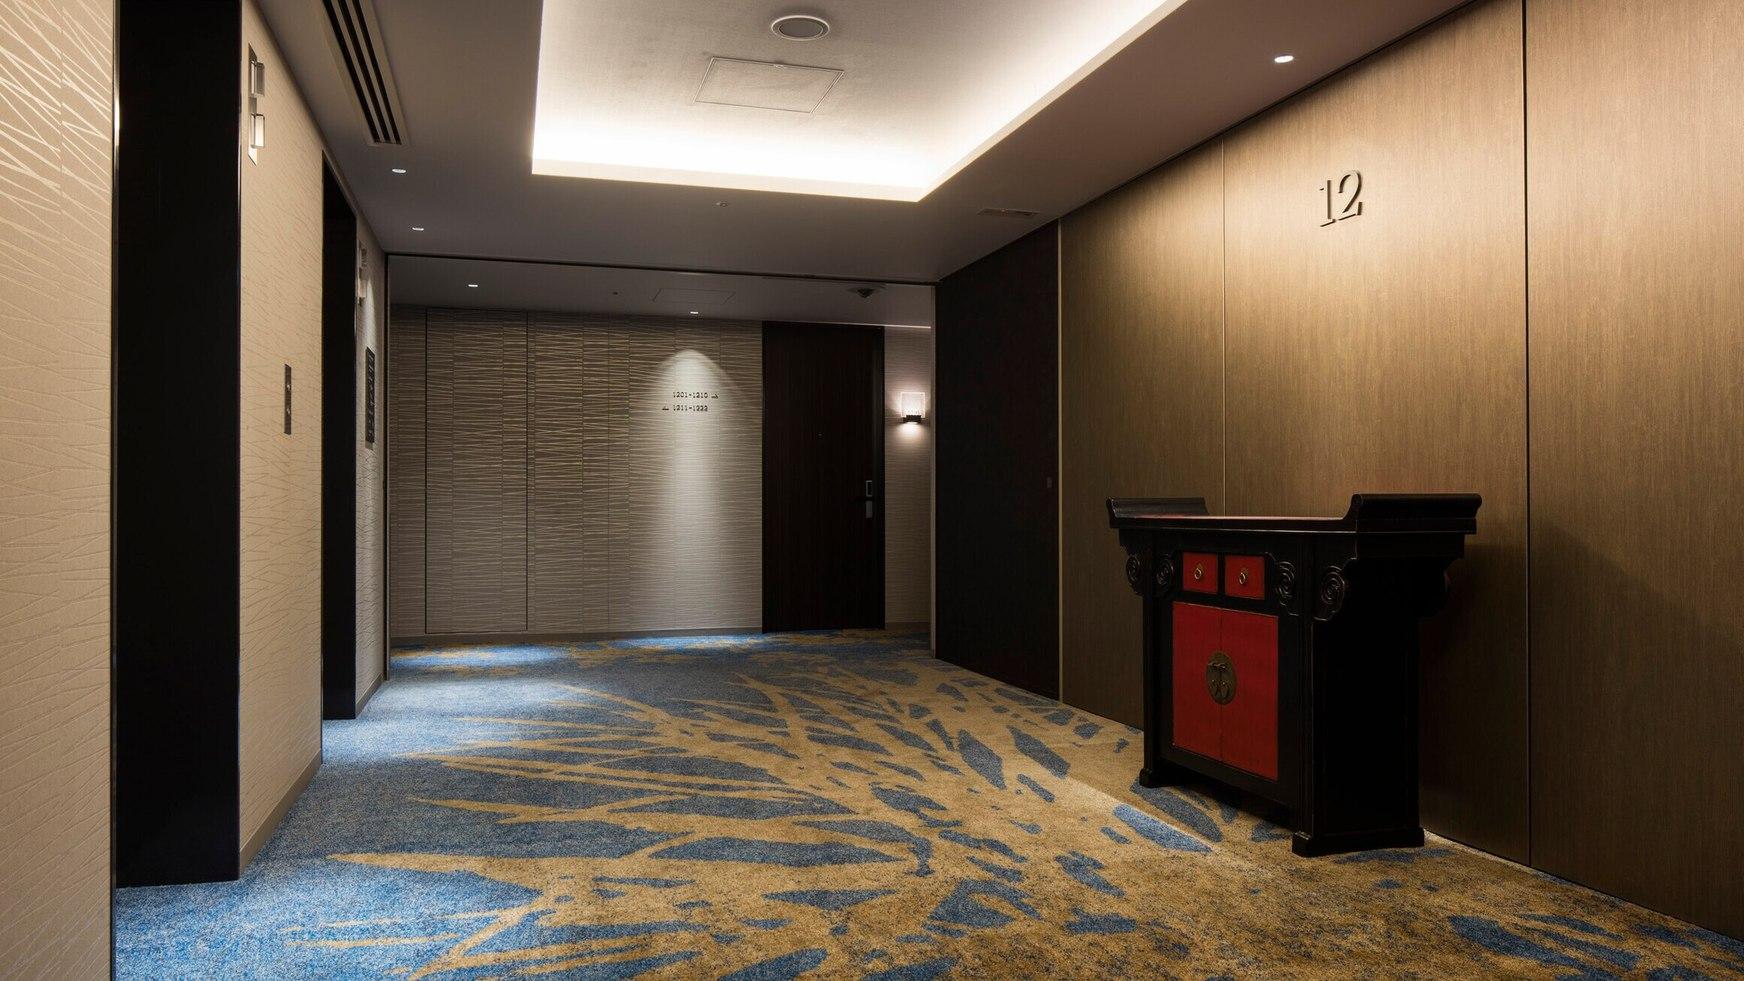 エレベーターホール 各階で少しずつデザインの違う家具が皆さまをお迎えします。